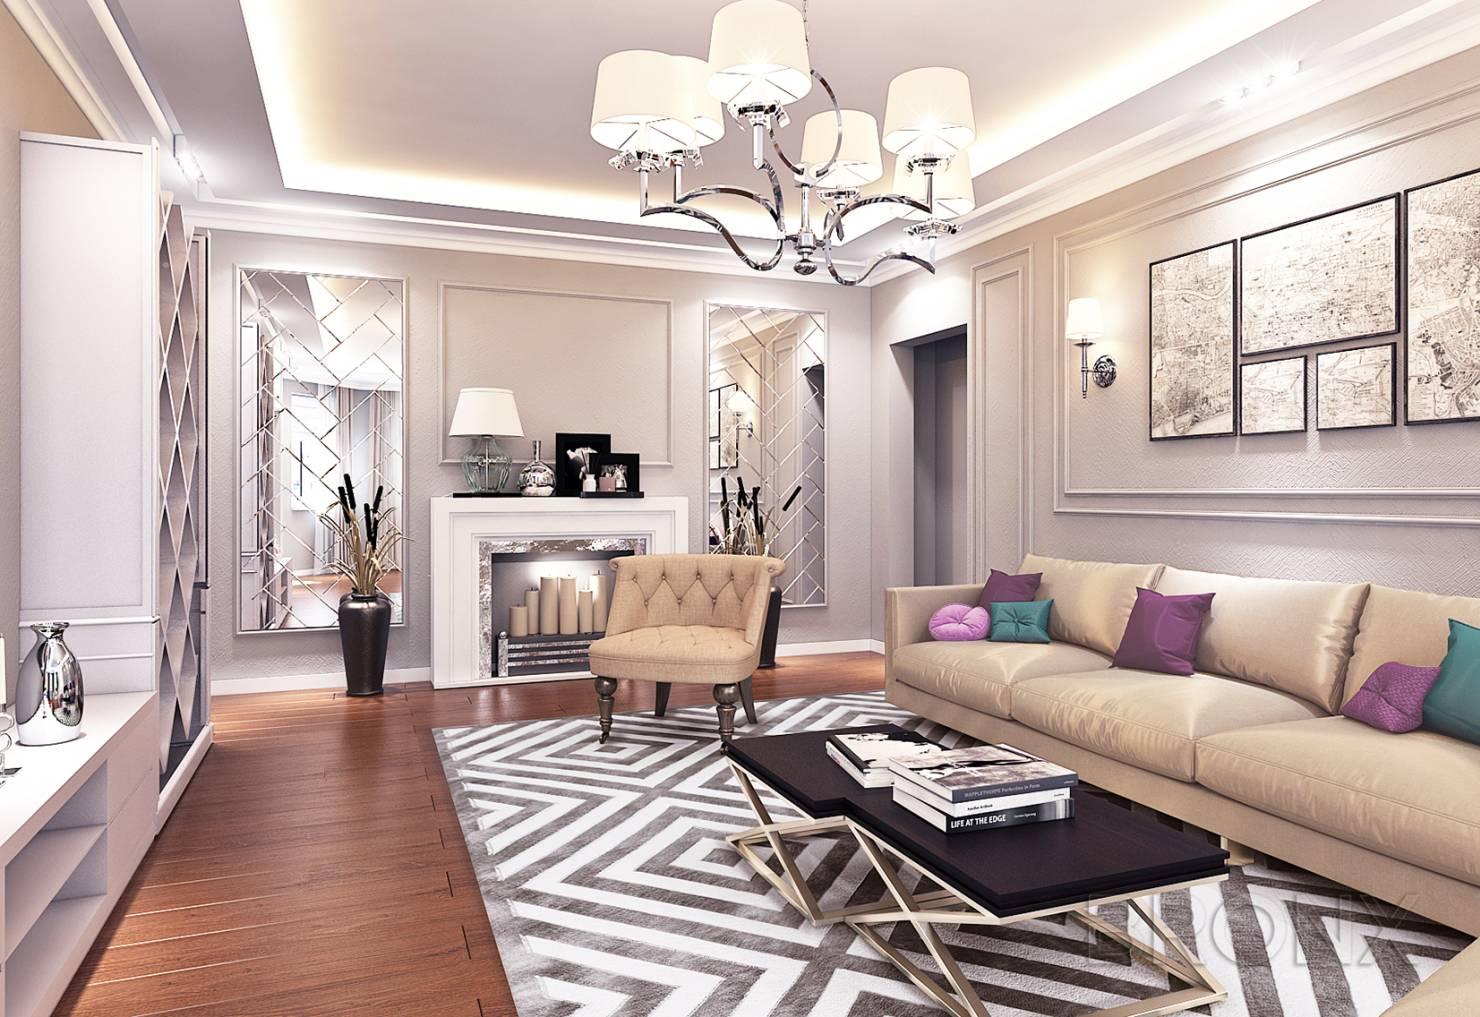 Eklektik Stil Oturma Odasi Dekorasyonu Dekorstore